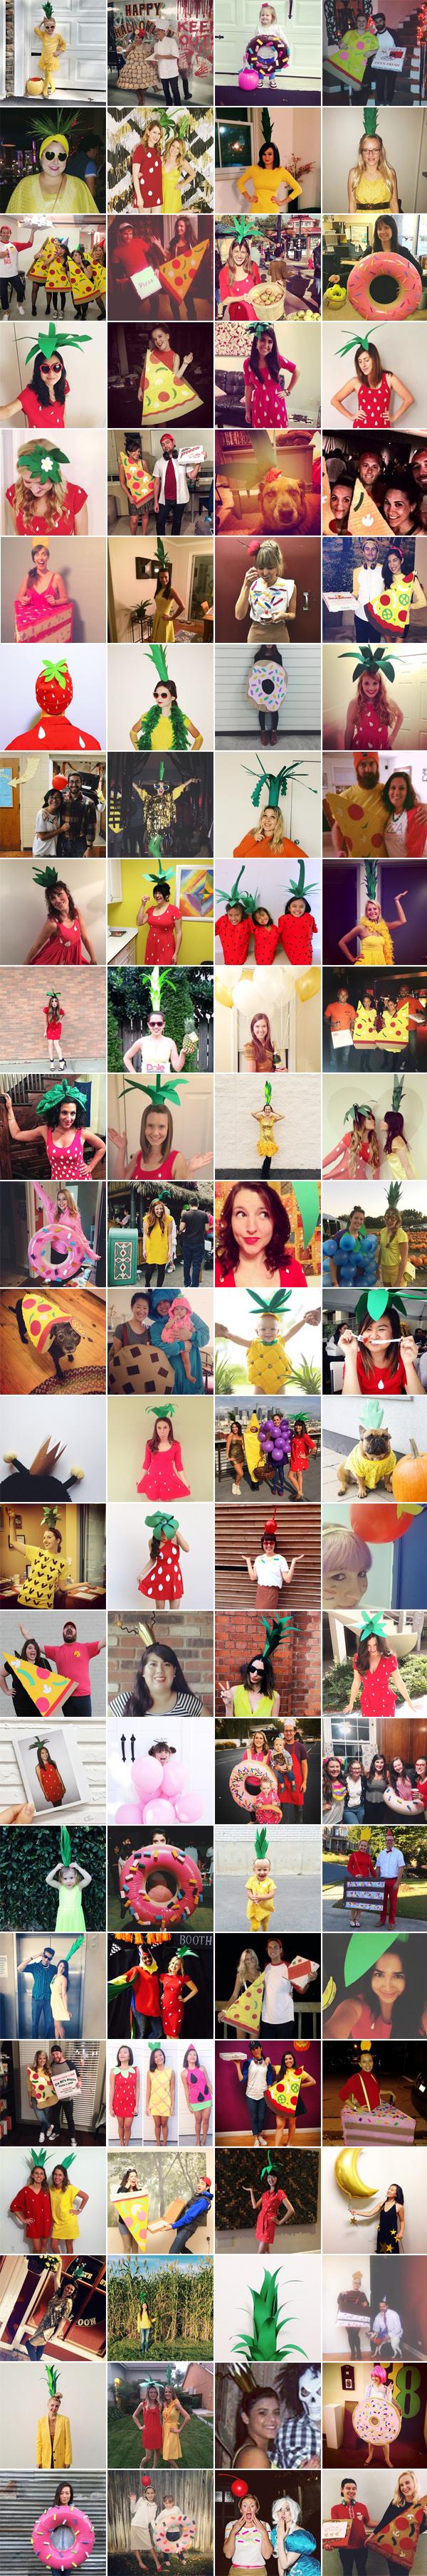 Studio DIY In Costume 2014